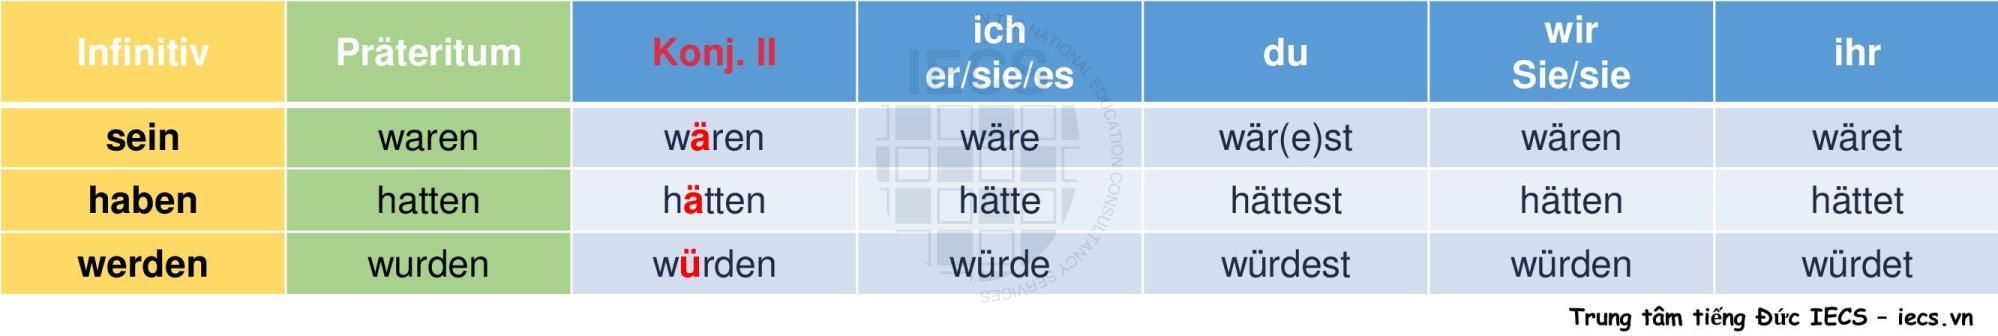 Konjunktiv 2 với sein, haben và werden